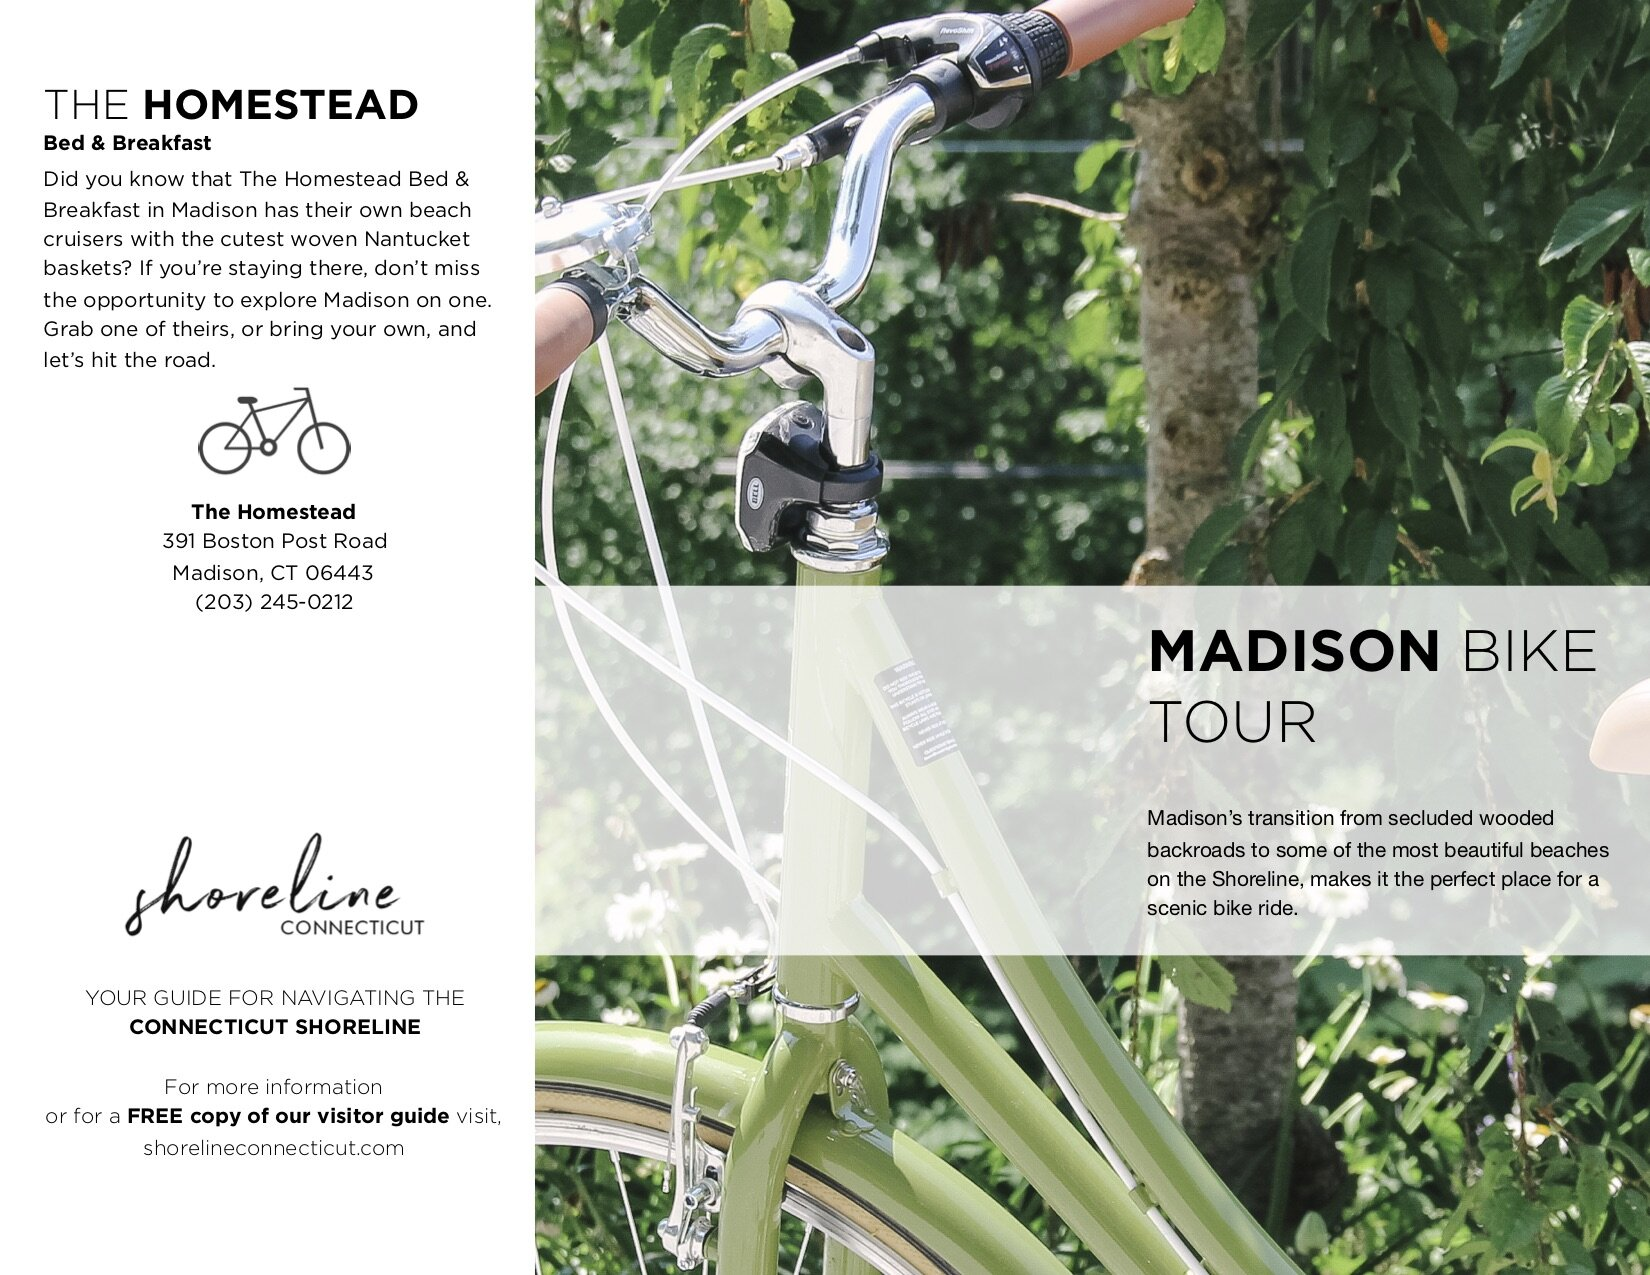 bikeguide.jpg